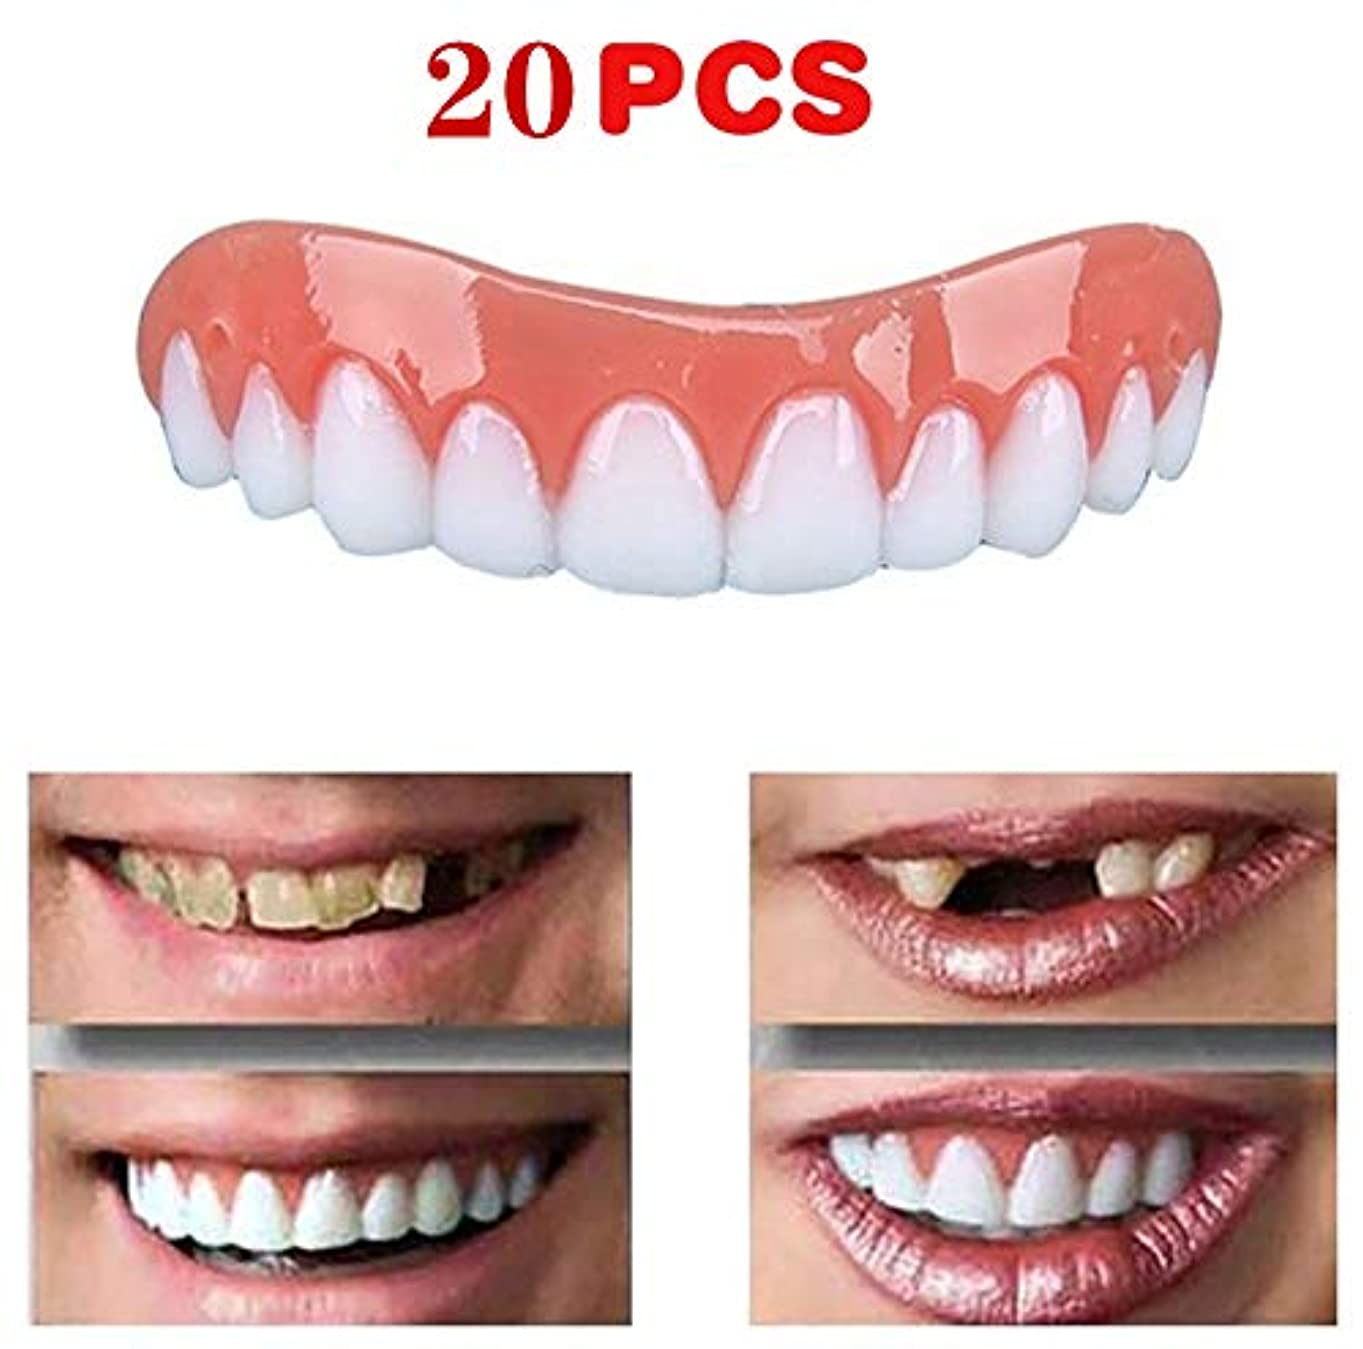 満足できるジュニアエイズ新しい再利用可能な大人のスナップオンパーフェクトスマイルホワイトニング義歯フィットフレックス化粧品歯快適なベニアカバーデンタルケアアクセサリー